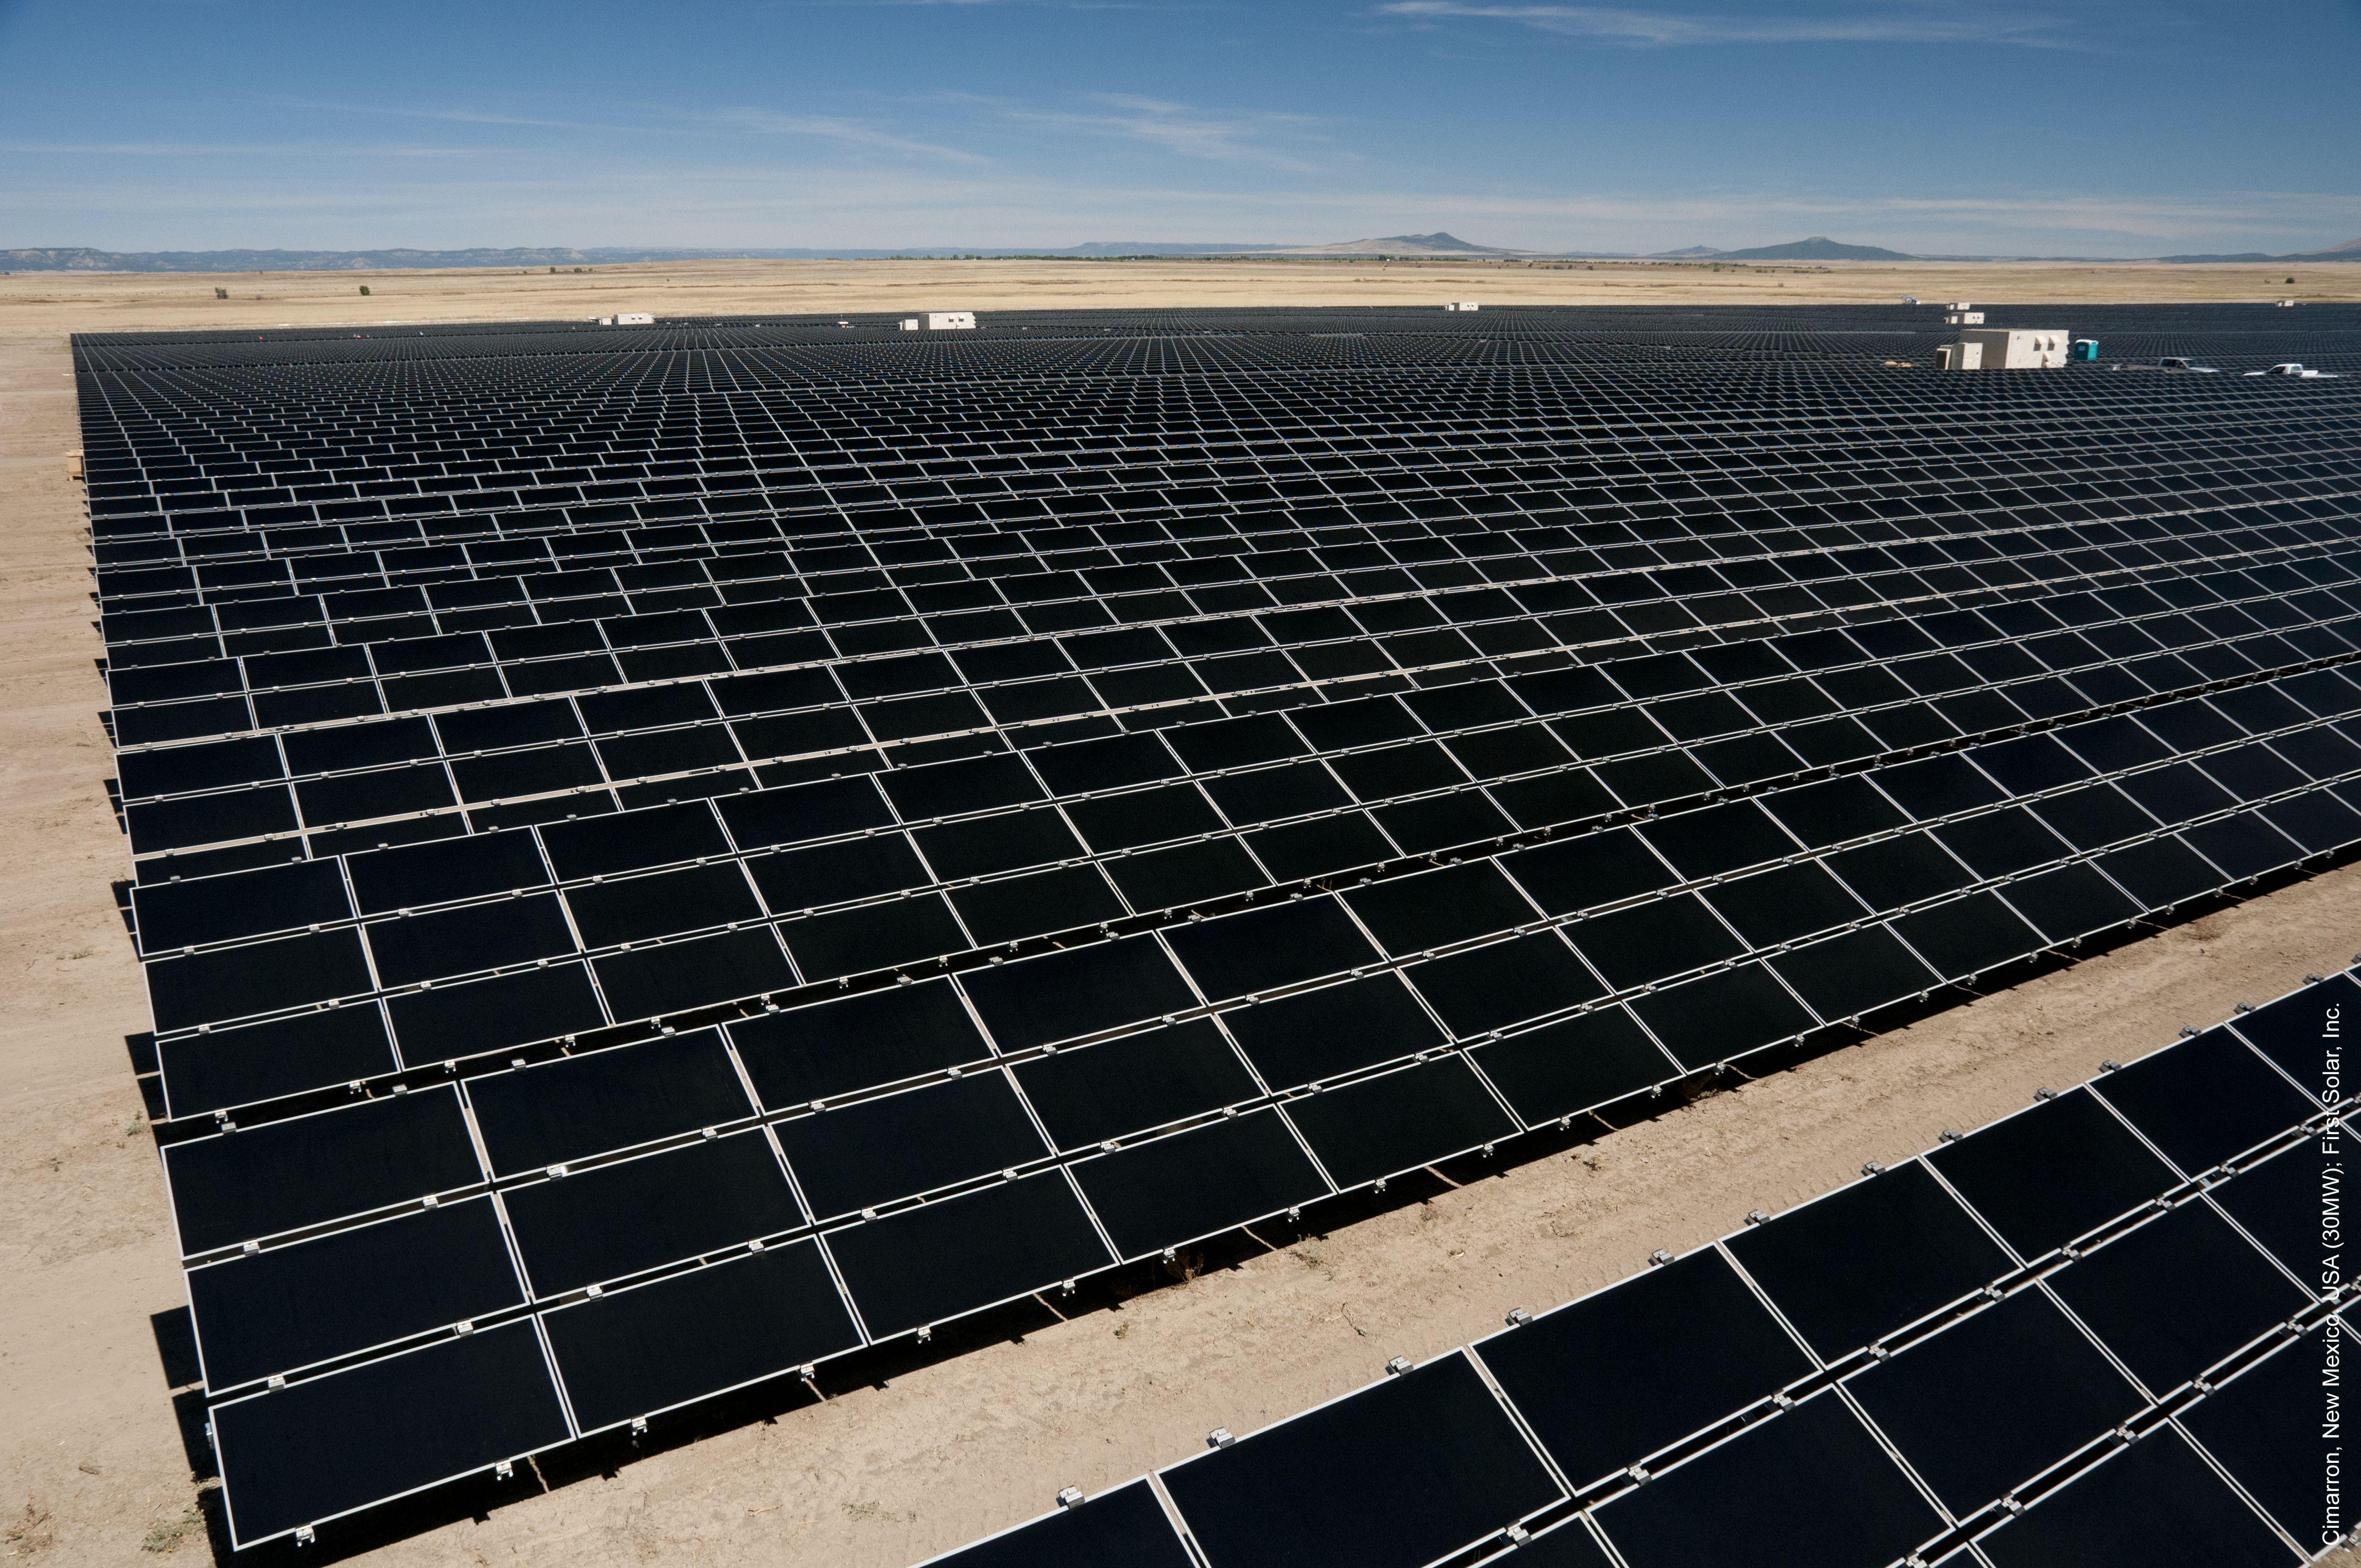 Solarkraftwerk von First Solar: Der Solarkonzern hat das erste Quartal nur aufgrund des Verkaufs eines solchen Großprojektes mit Gewinn abschließen können. / Foto: First Solar